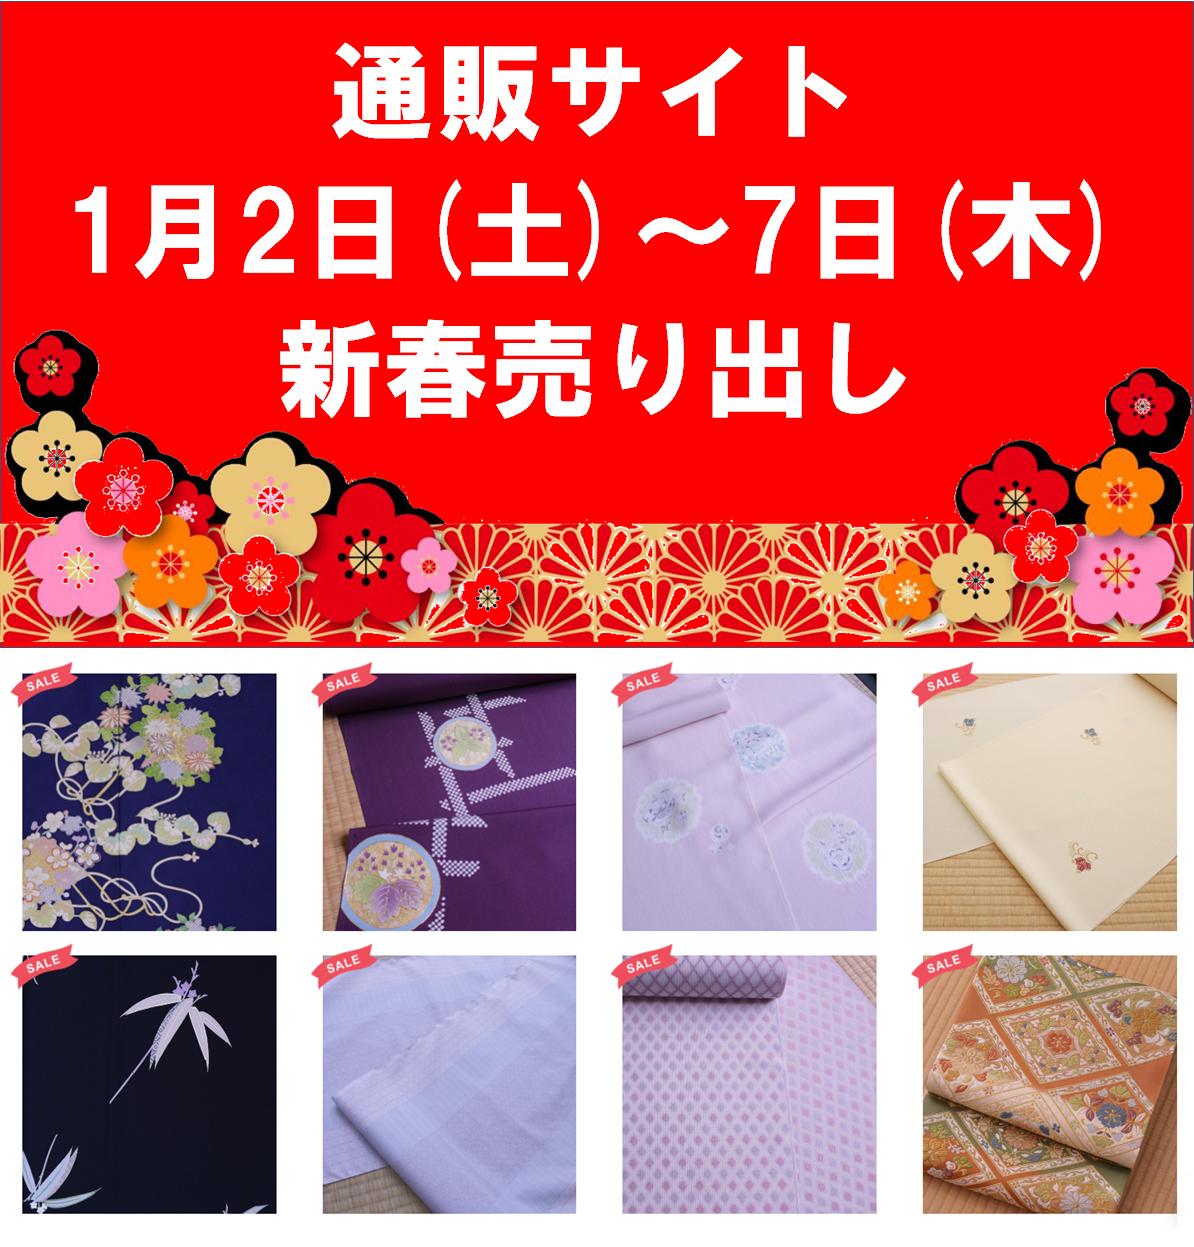 【1/2~7】通販サイト オープン記念セール